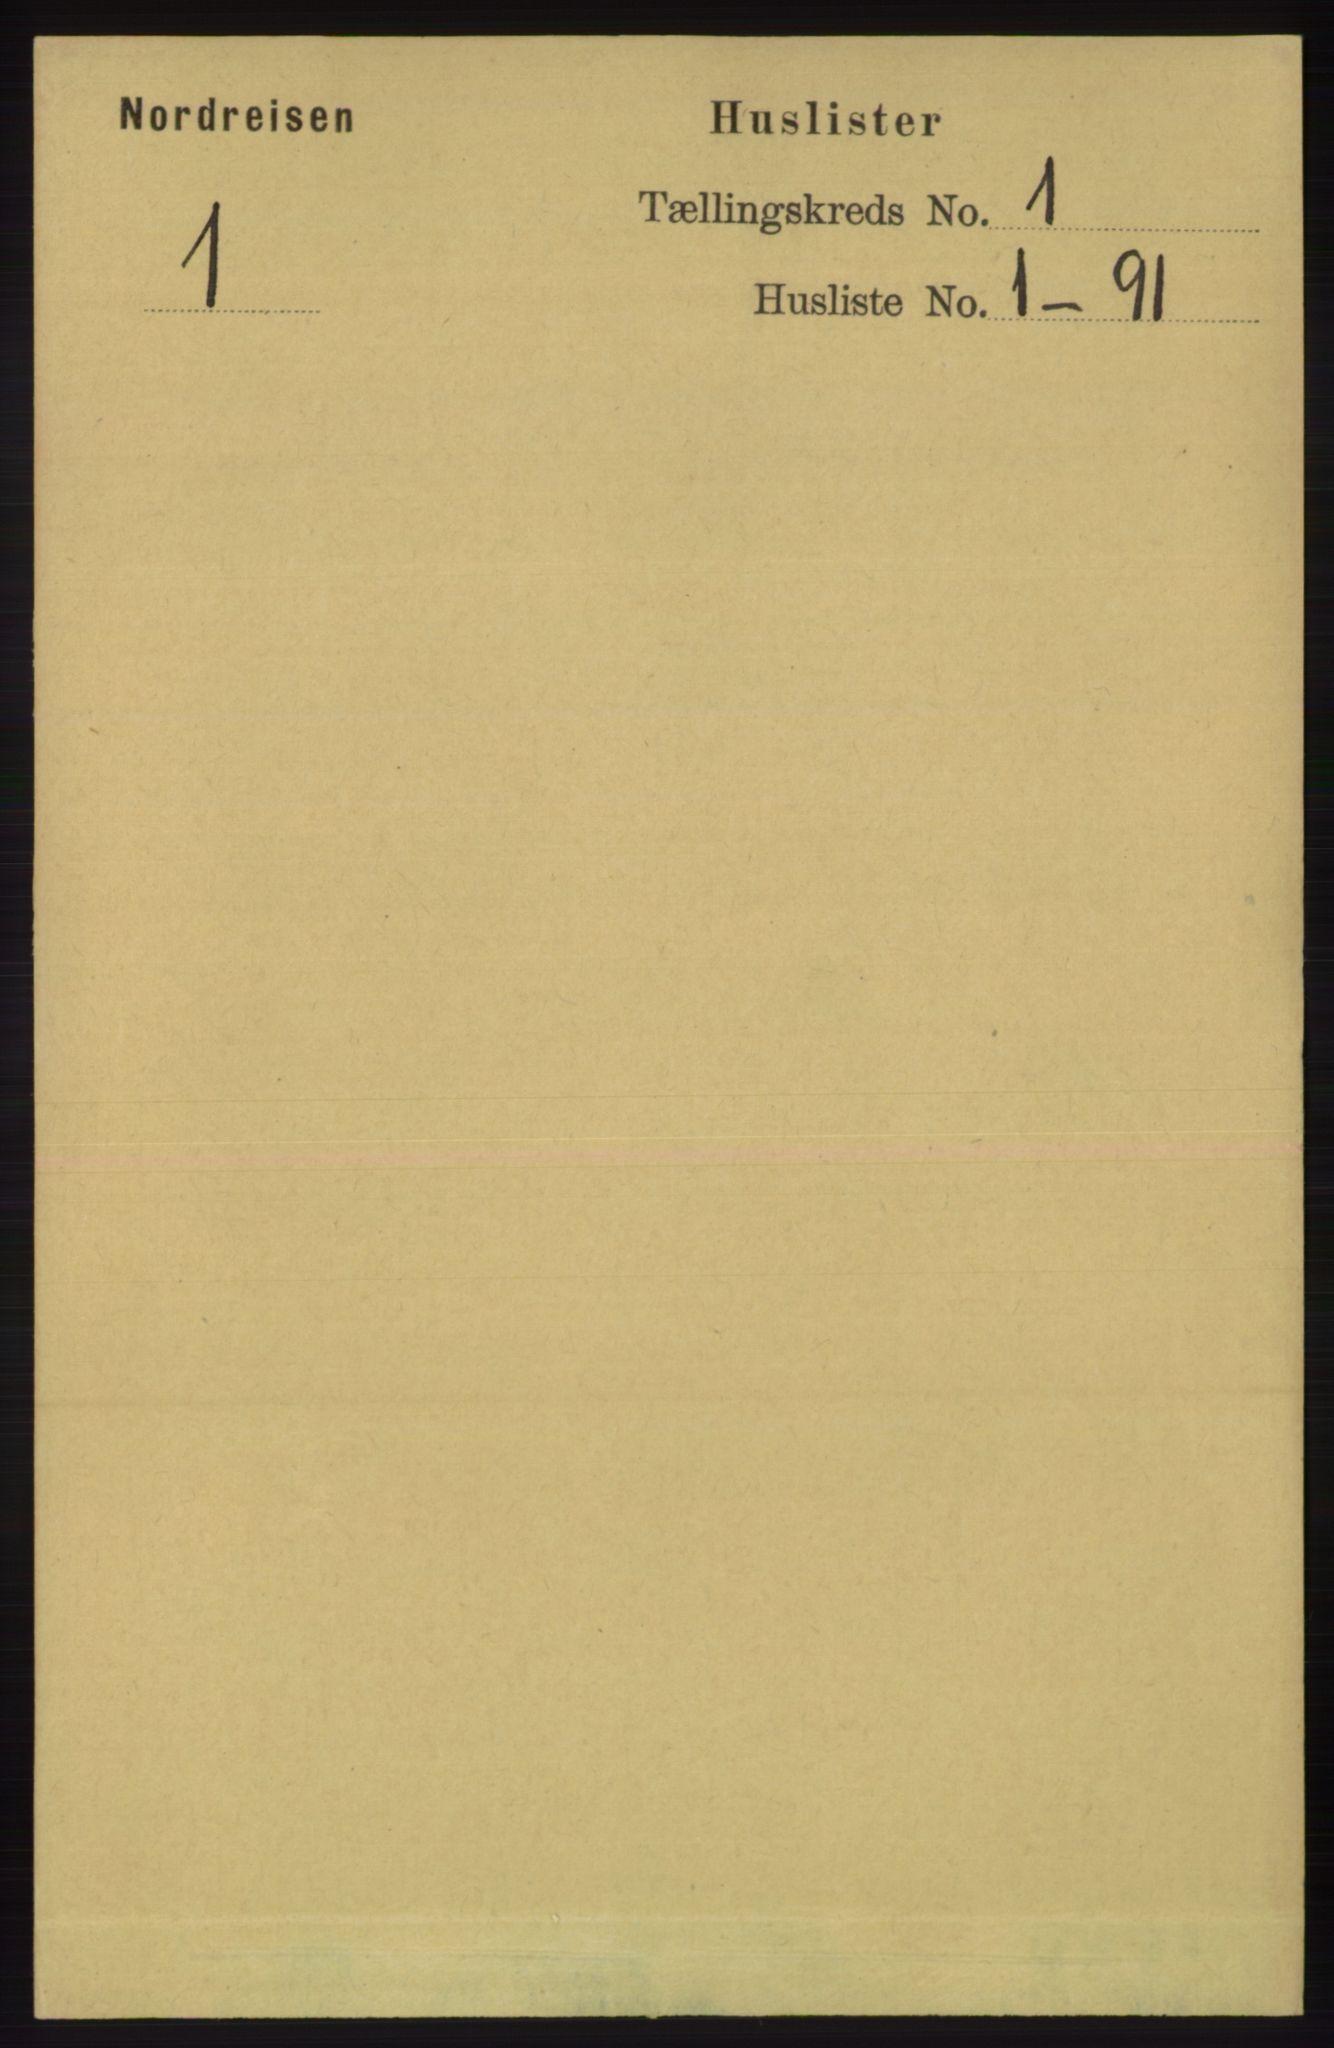 RA, Folketelling 1891 for 1942 Nordreisa herred, 1891, s. 13